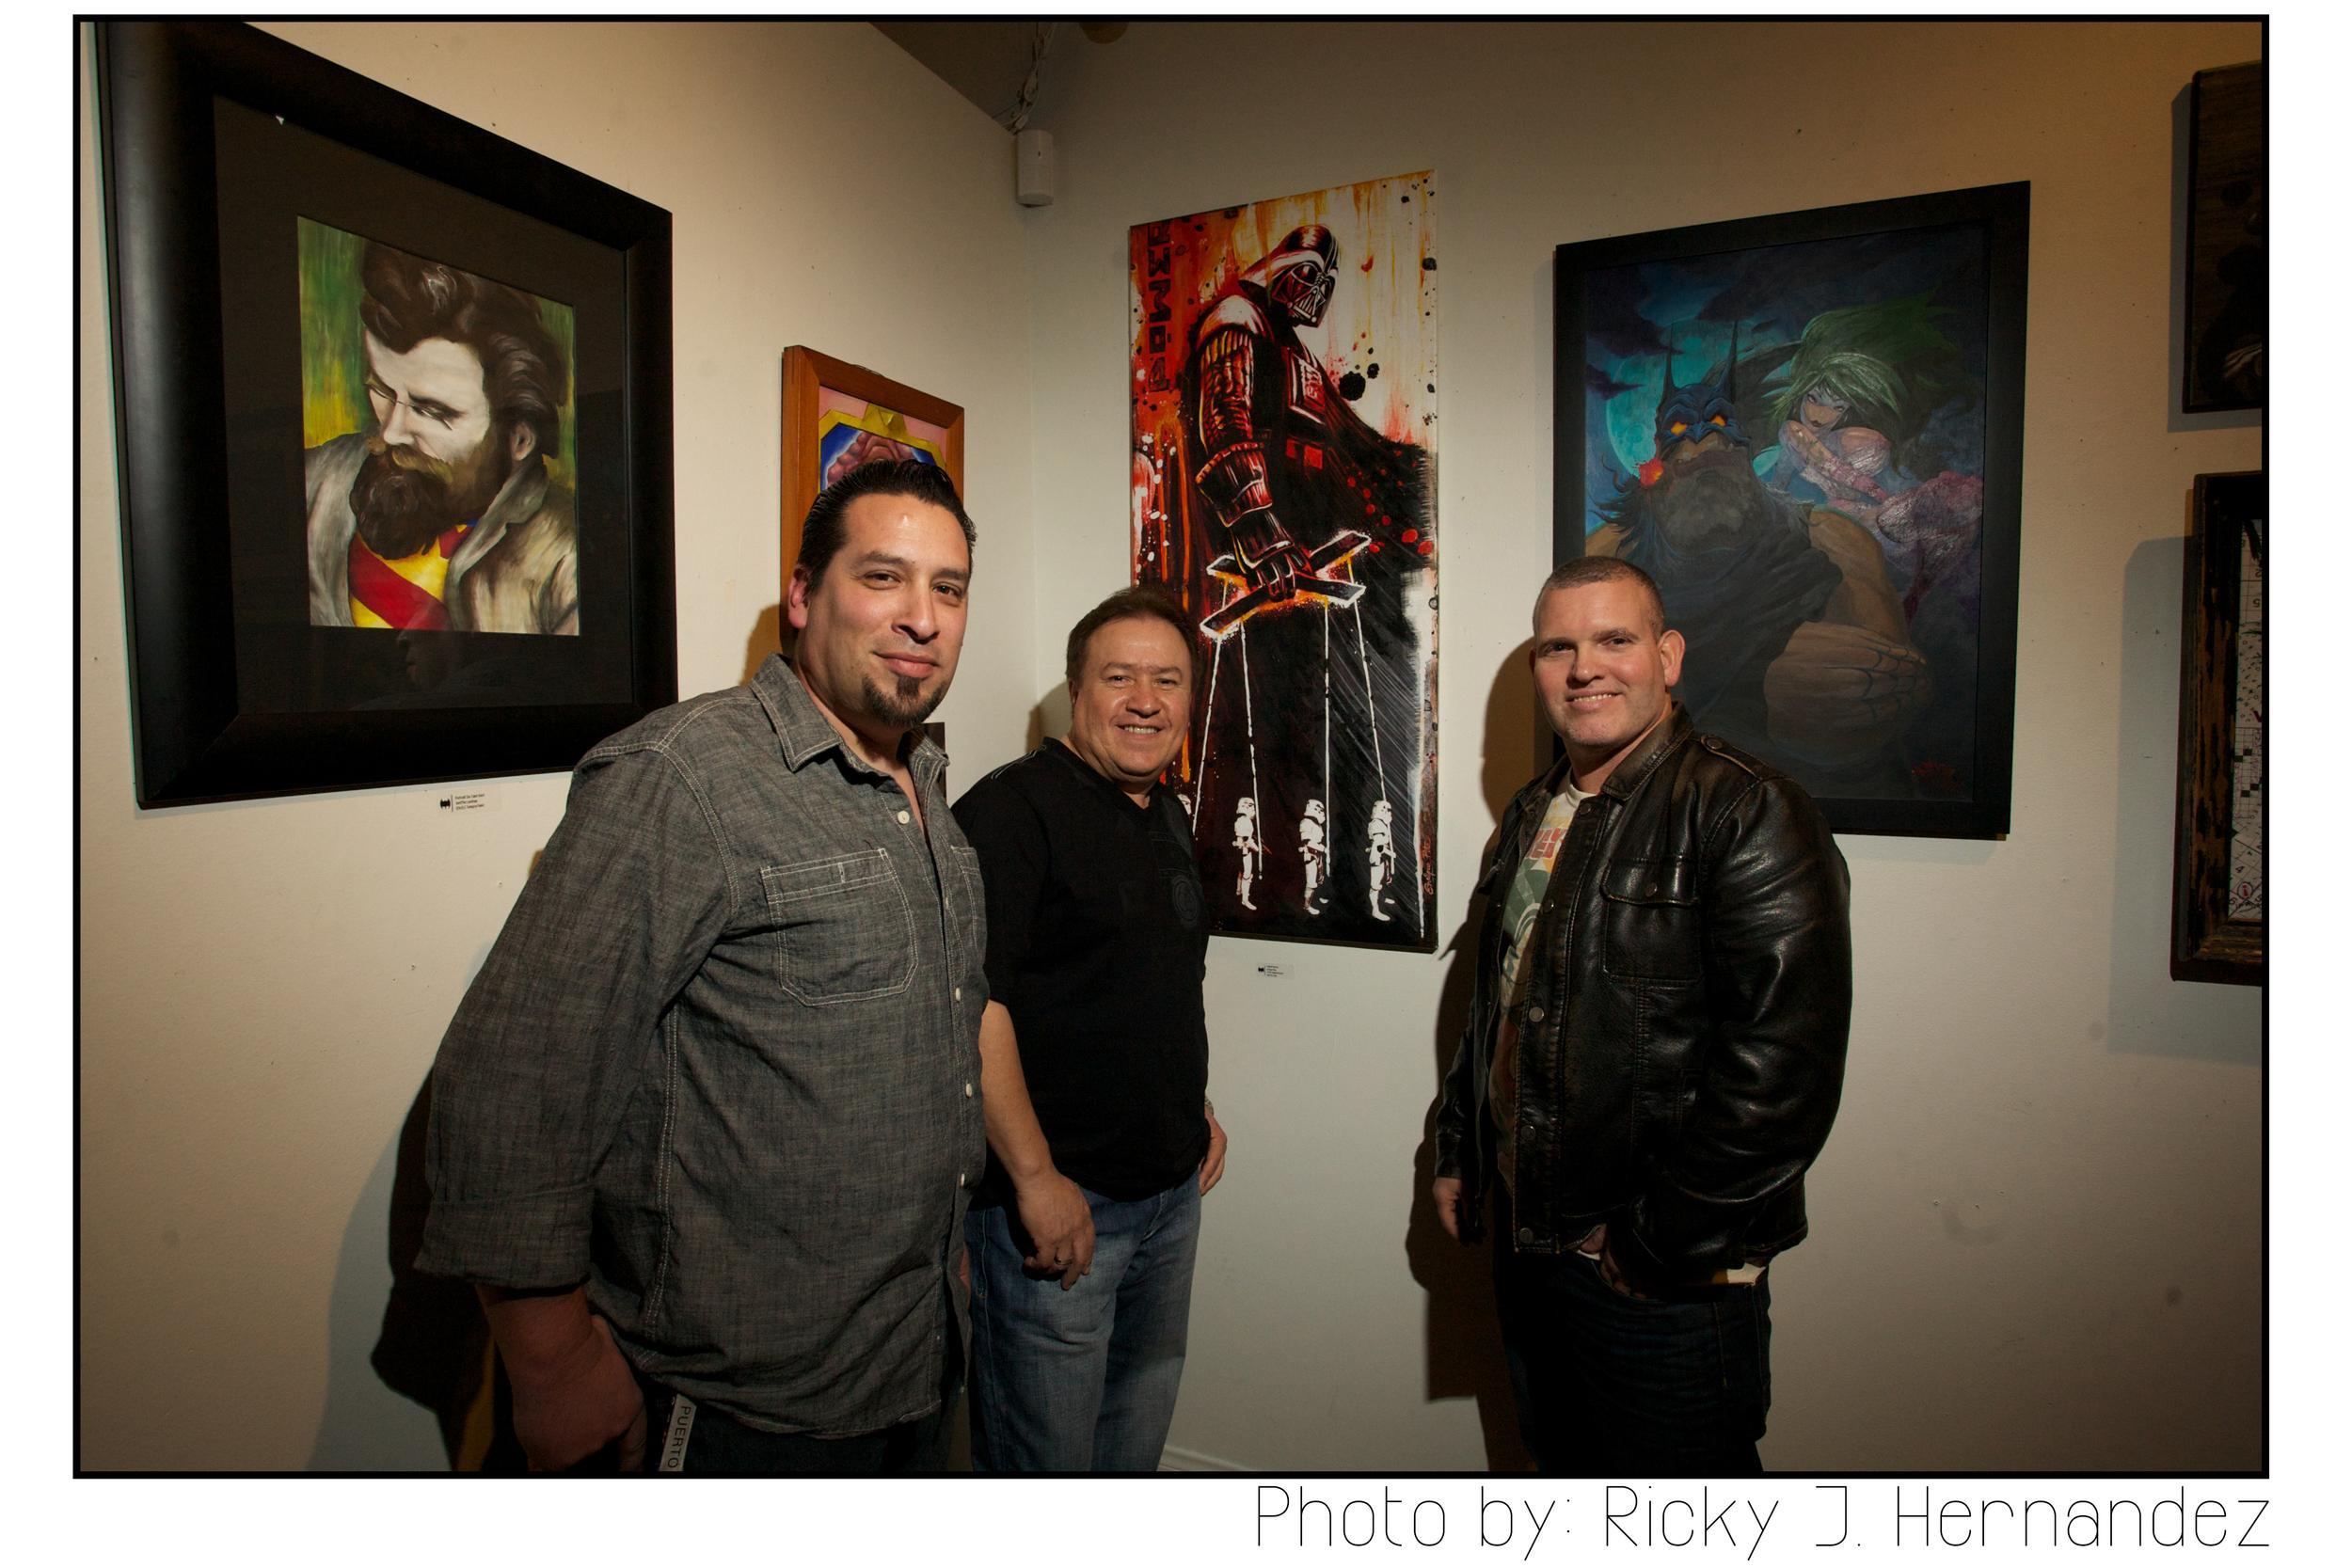 Ricky-J-Hernandez-com-714-200-3032-img-_MG_4634 copy